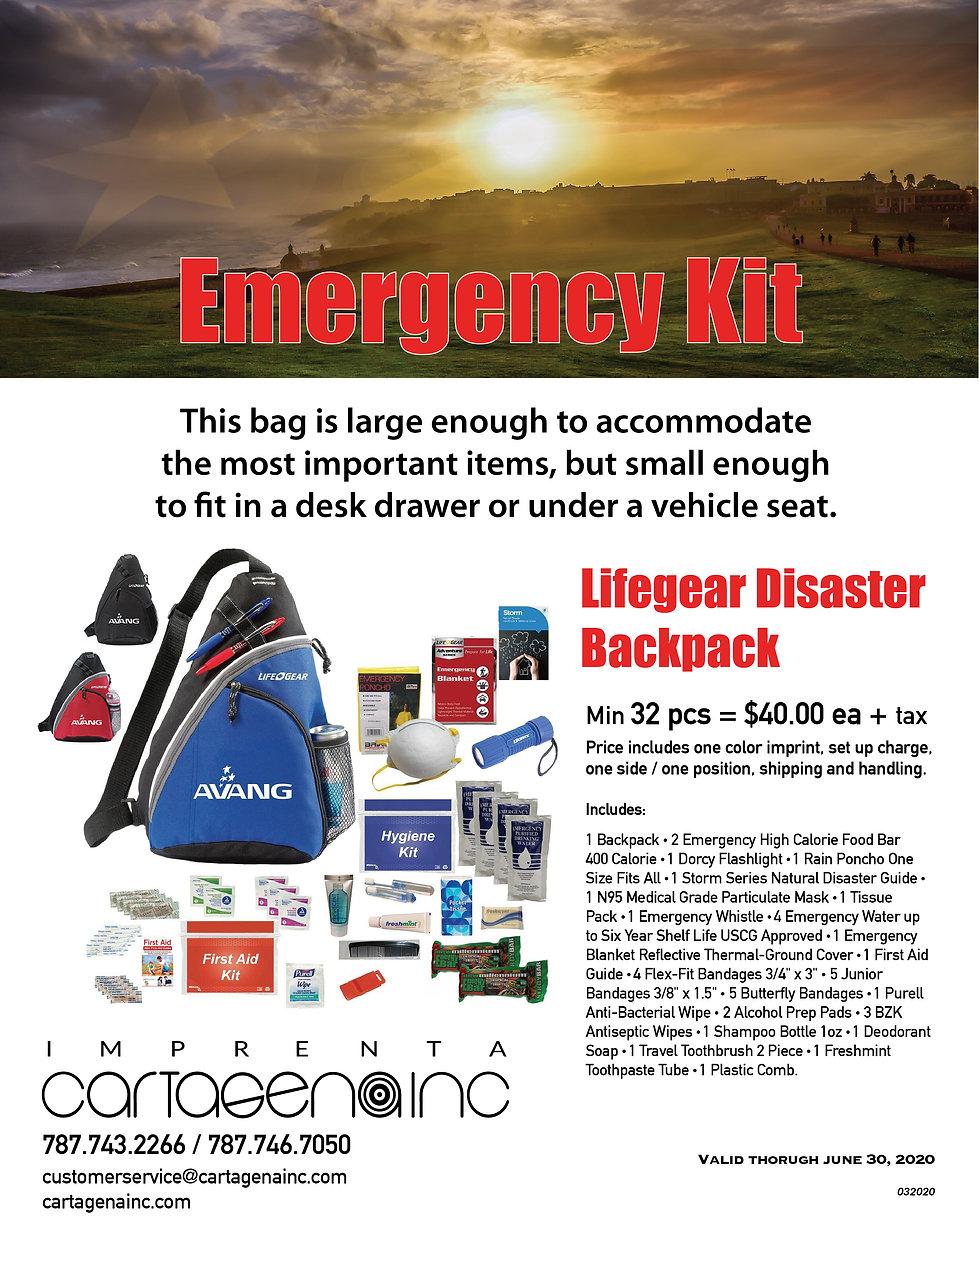 Lifegear bakpack promo-01.jpg